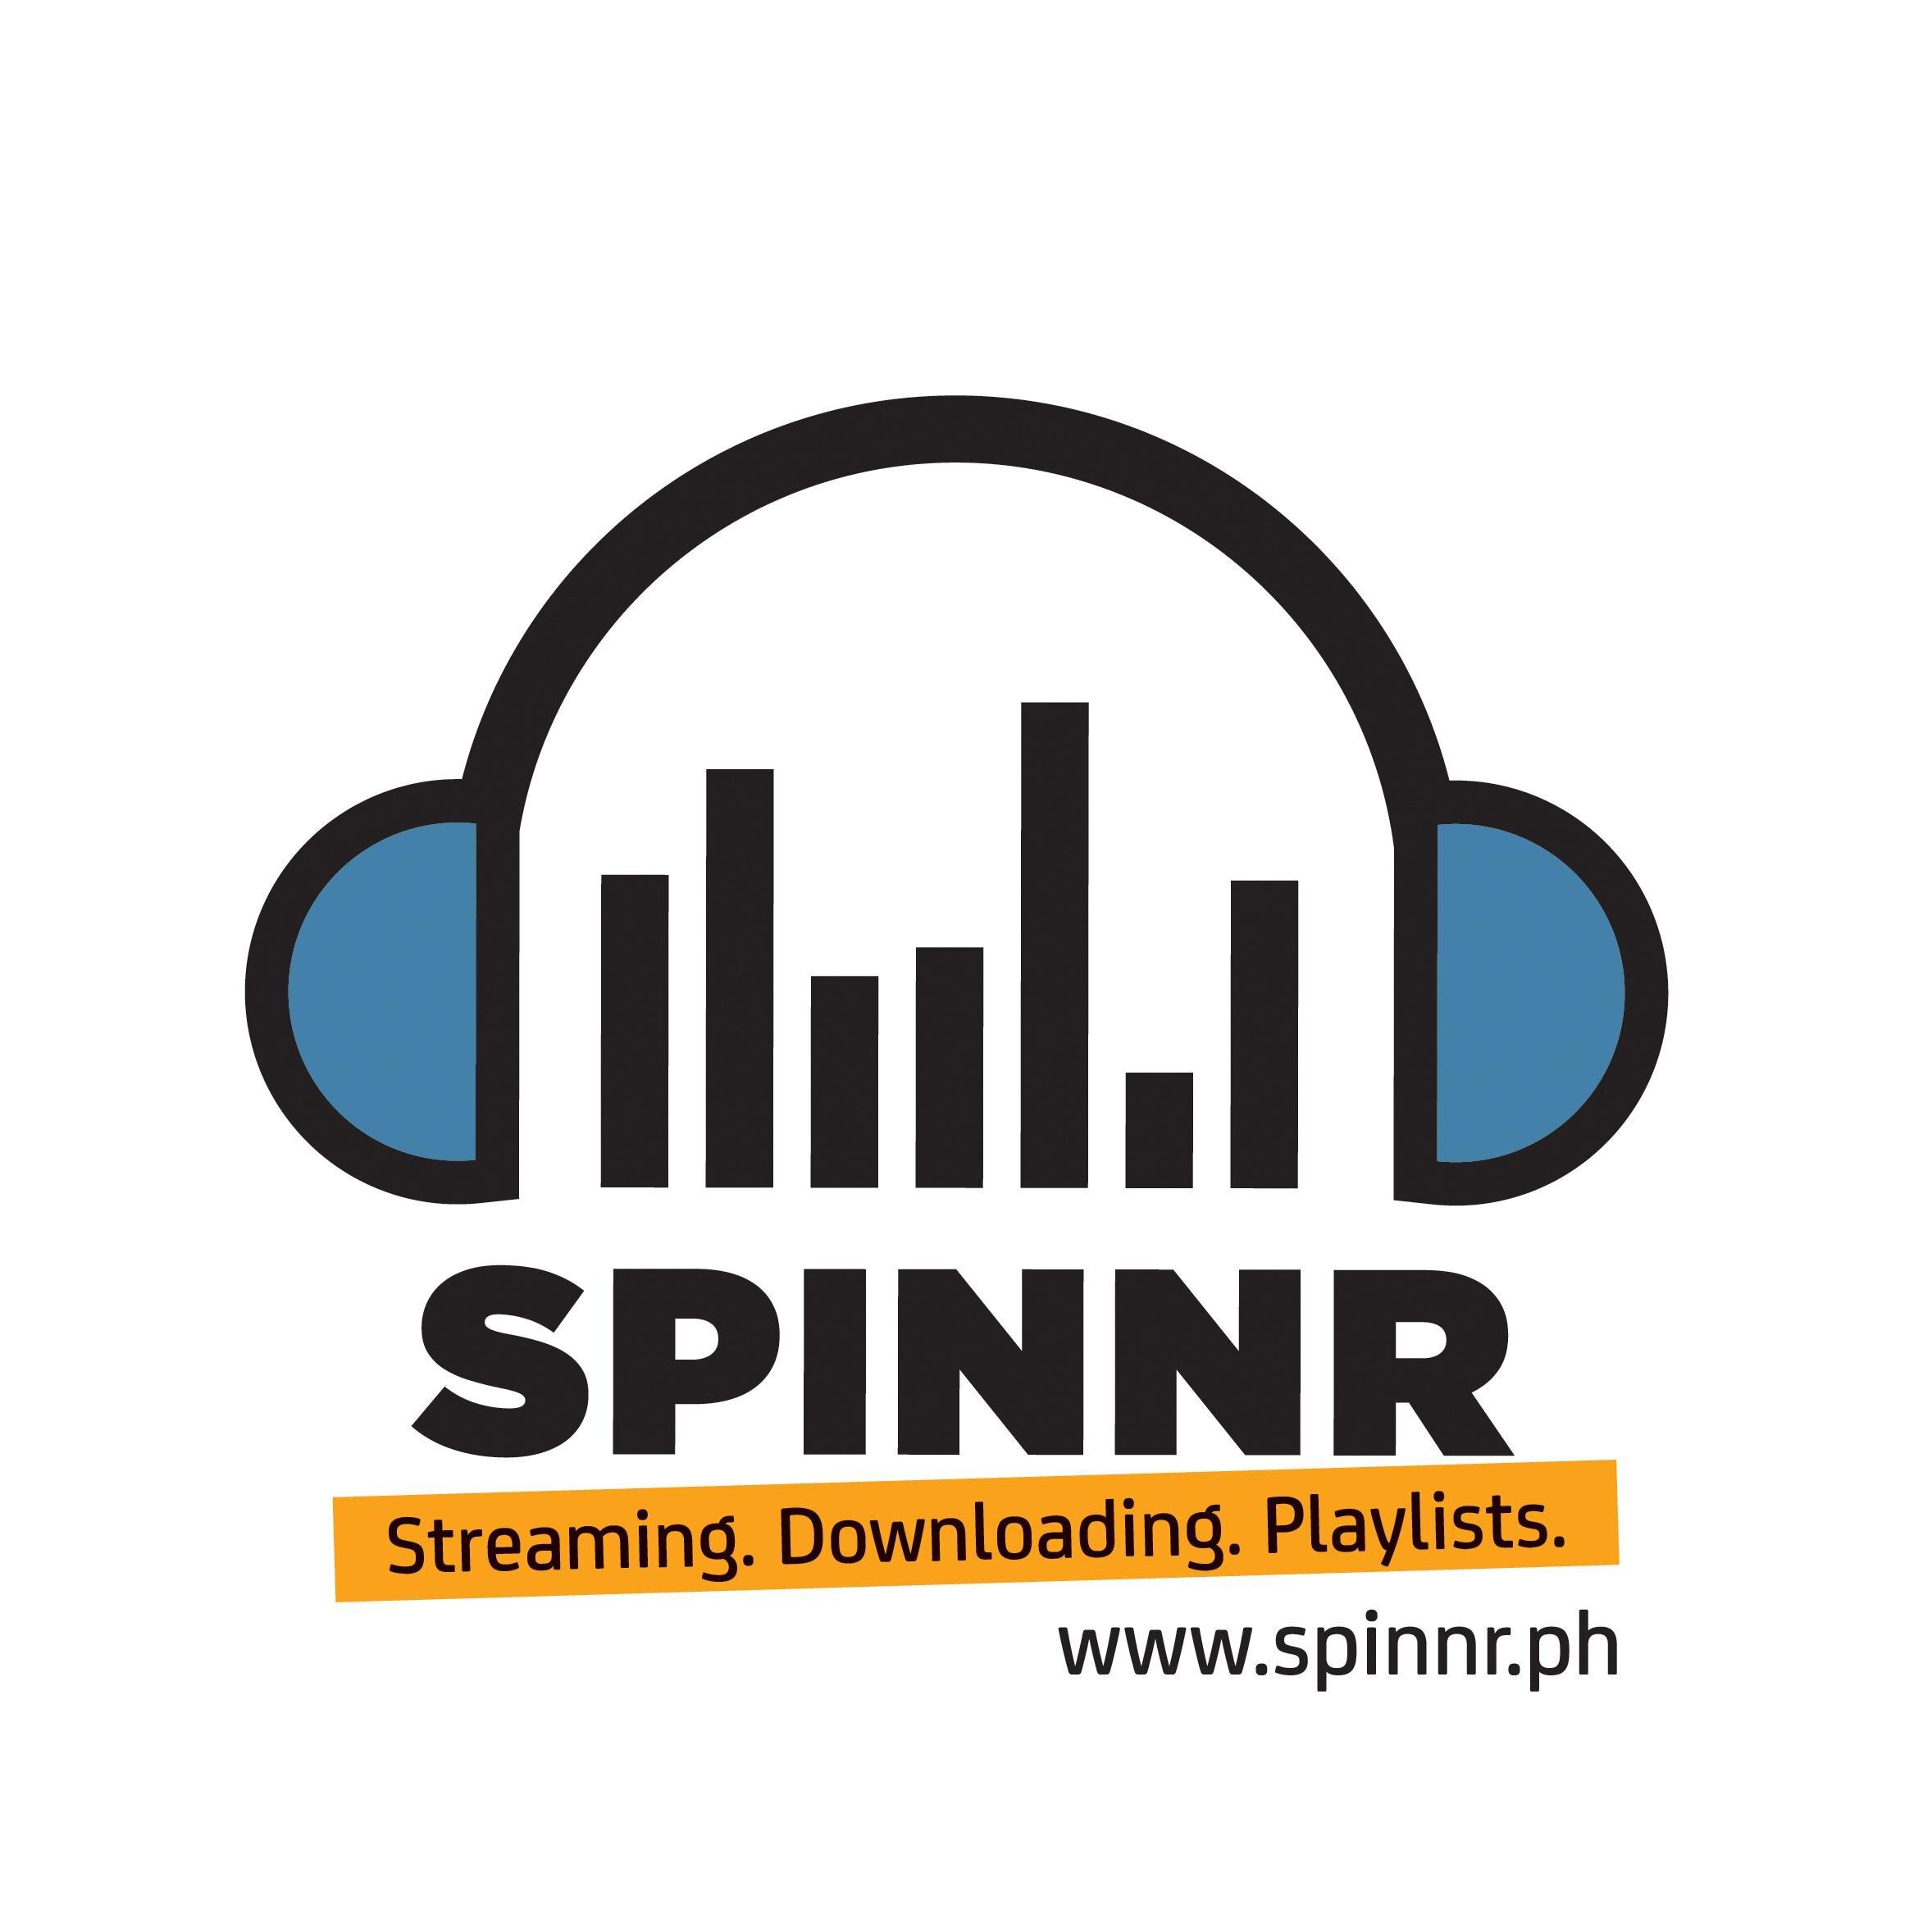 @SpinnrPH